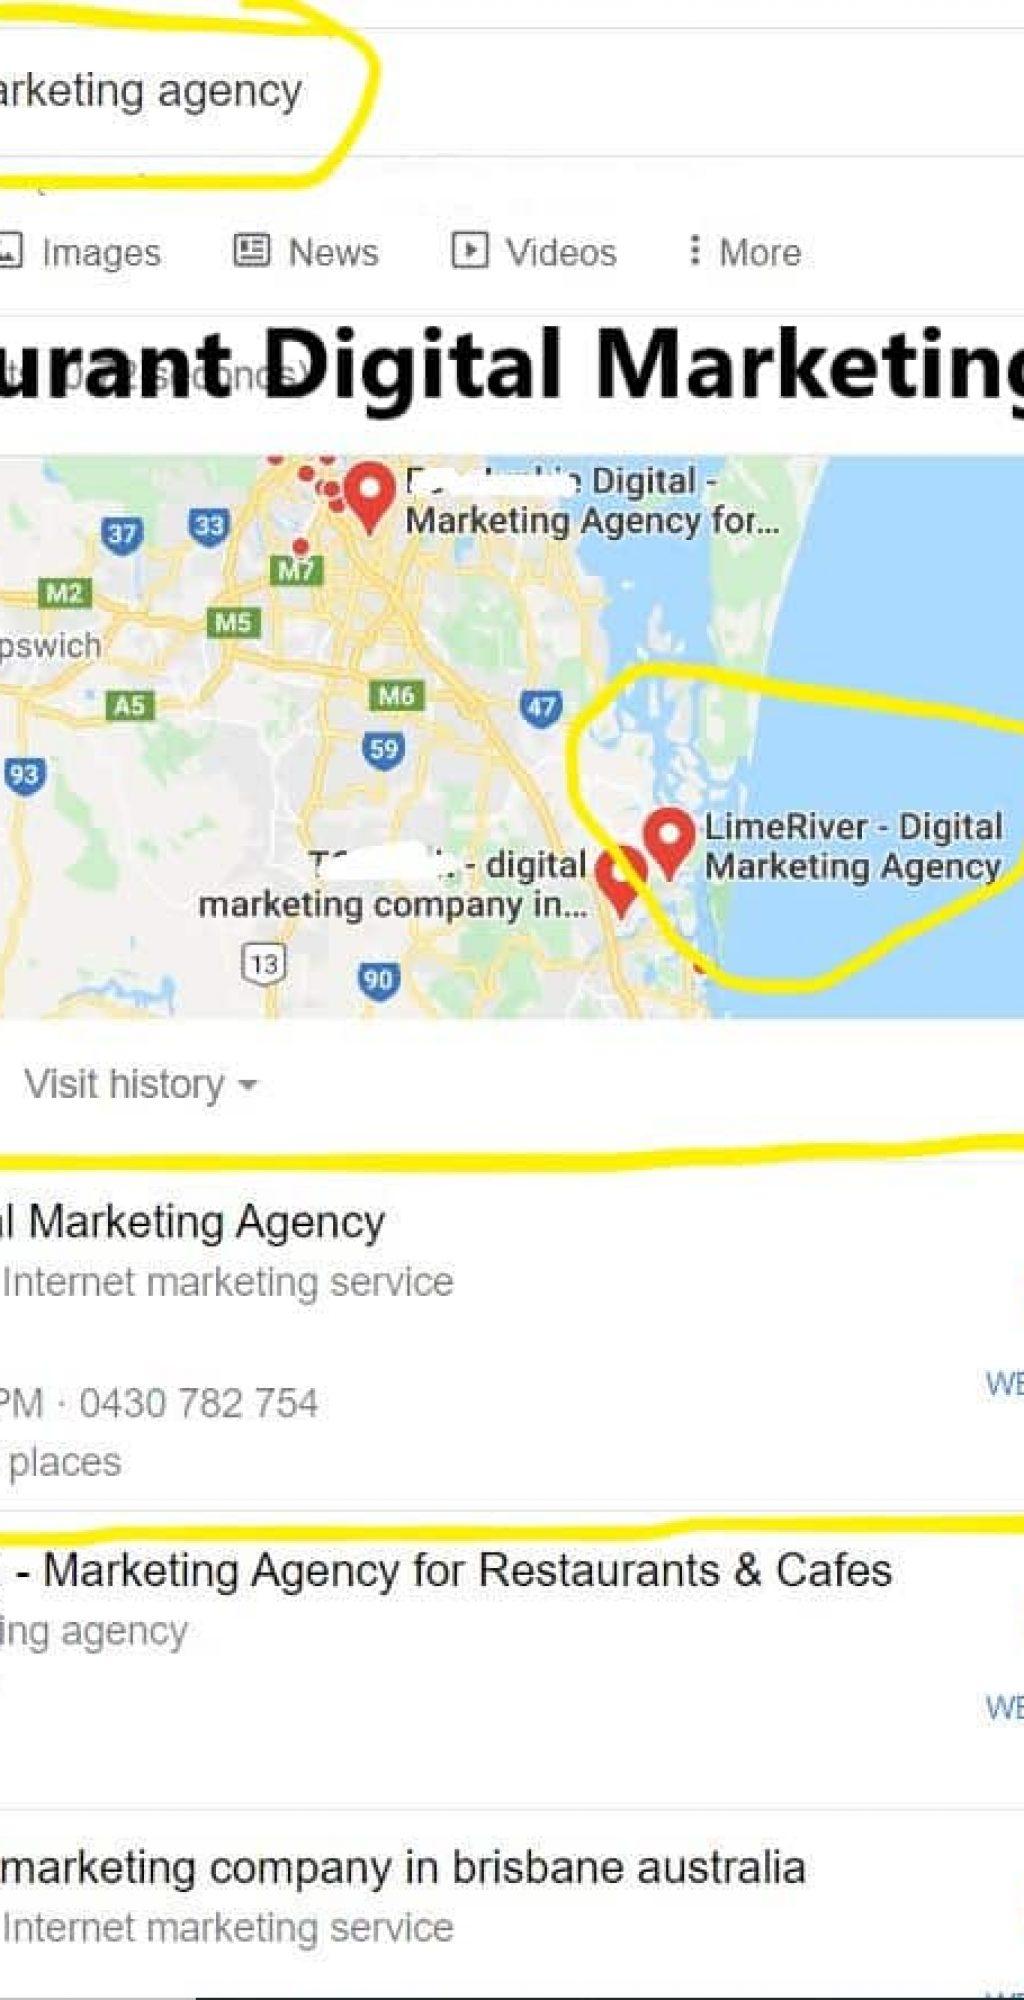 #1 Restaurant Digital Marketing Agency